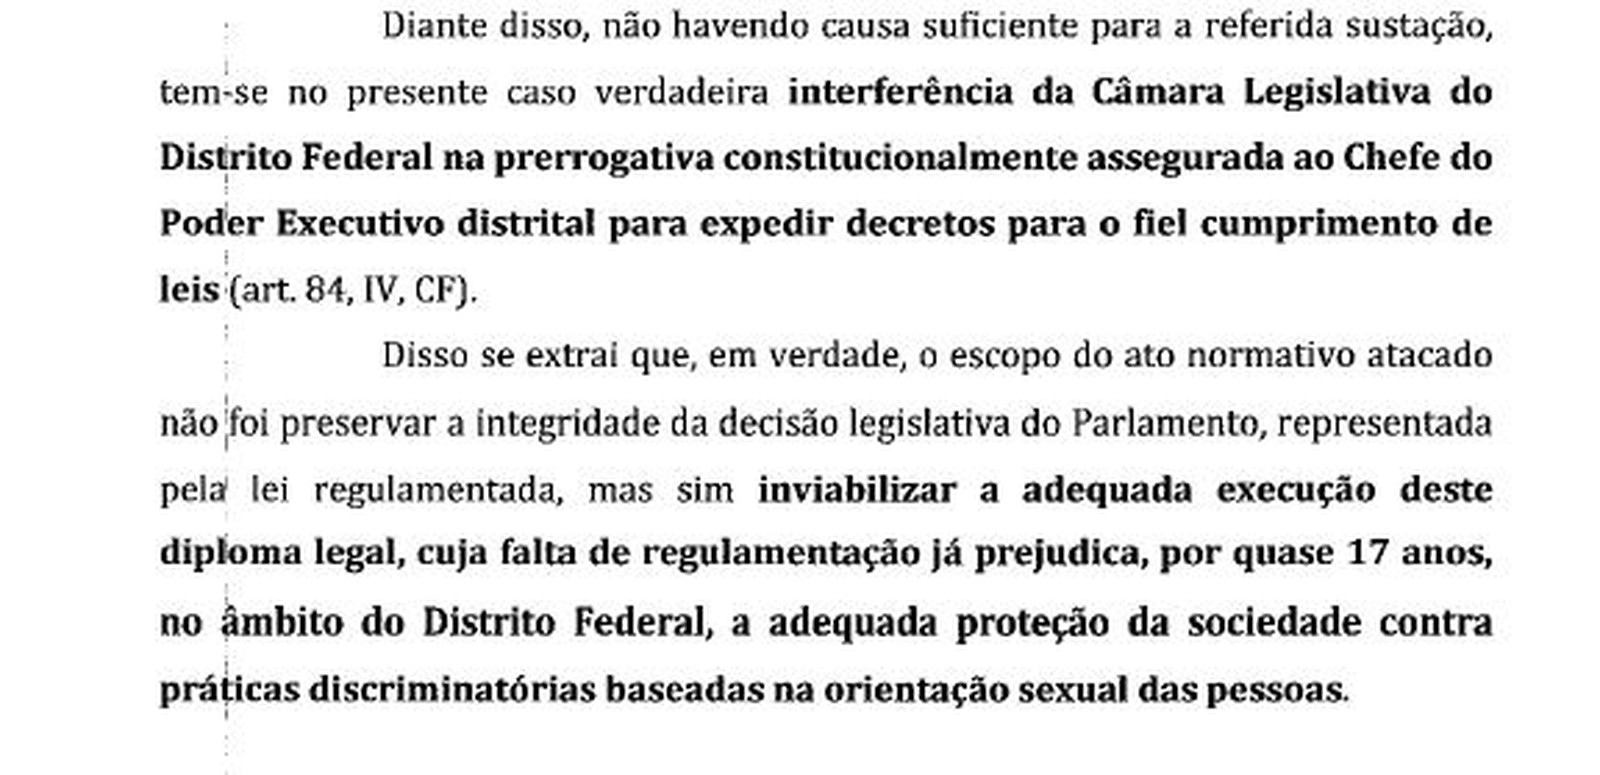 Aplicação da lei que pune homofobia no DF só será analisada após recesso do STF, decide Cármen Lúcia